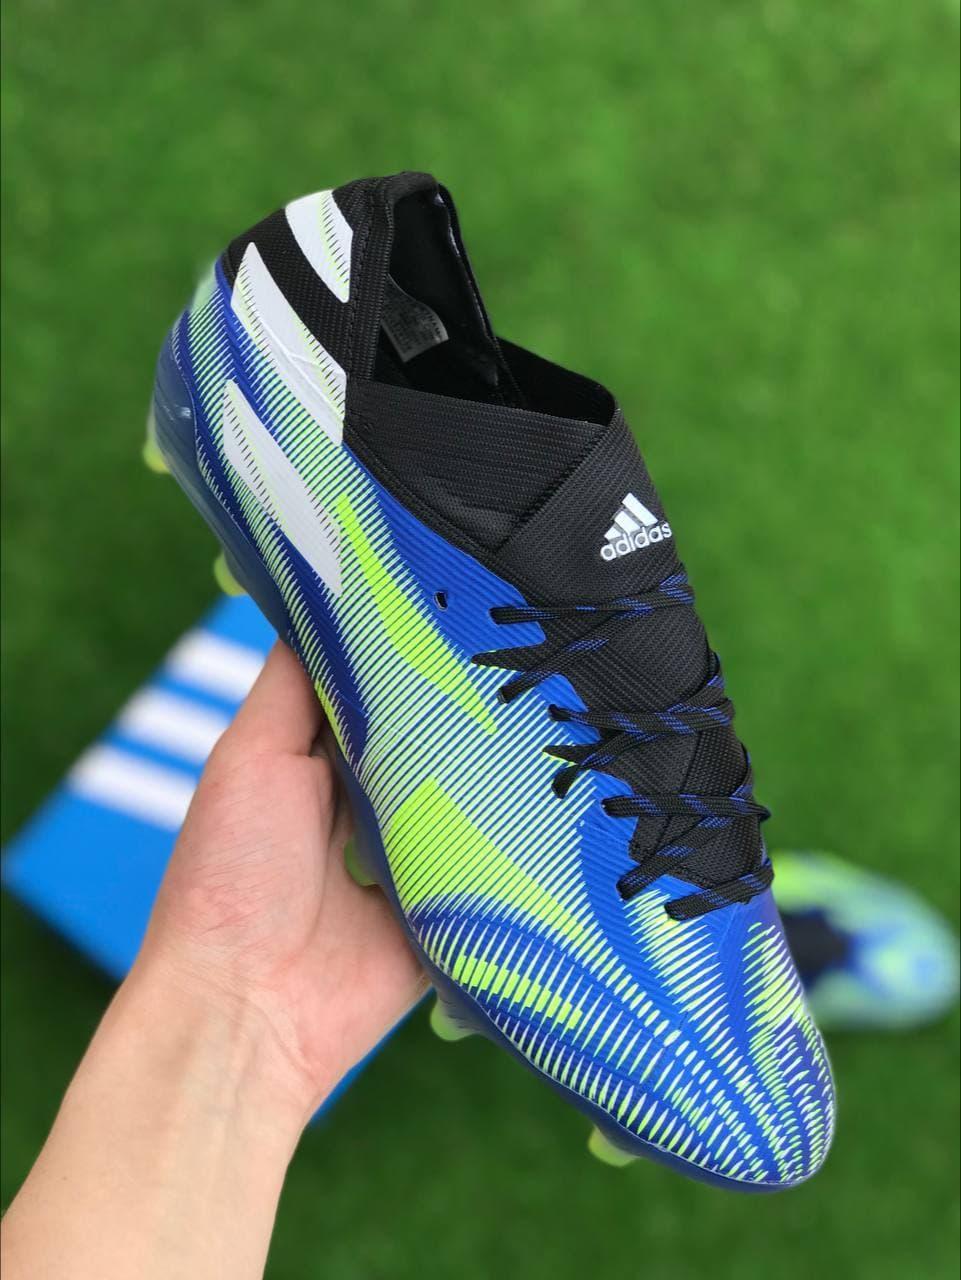 Бутсы Adidas Nemeziz 19.1 обувь для иры в футбол адидас немезис